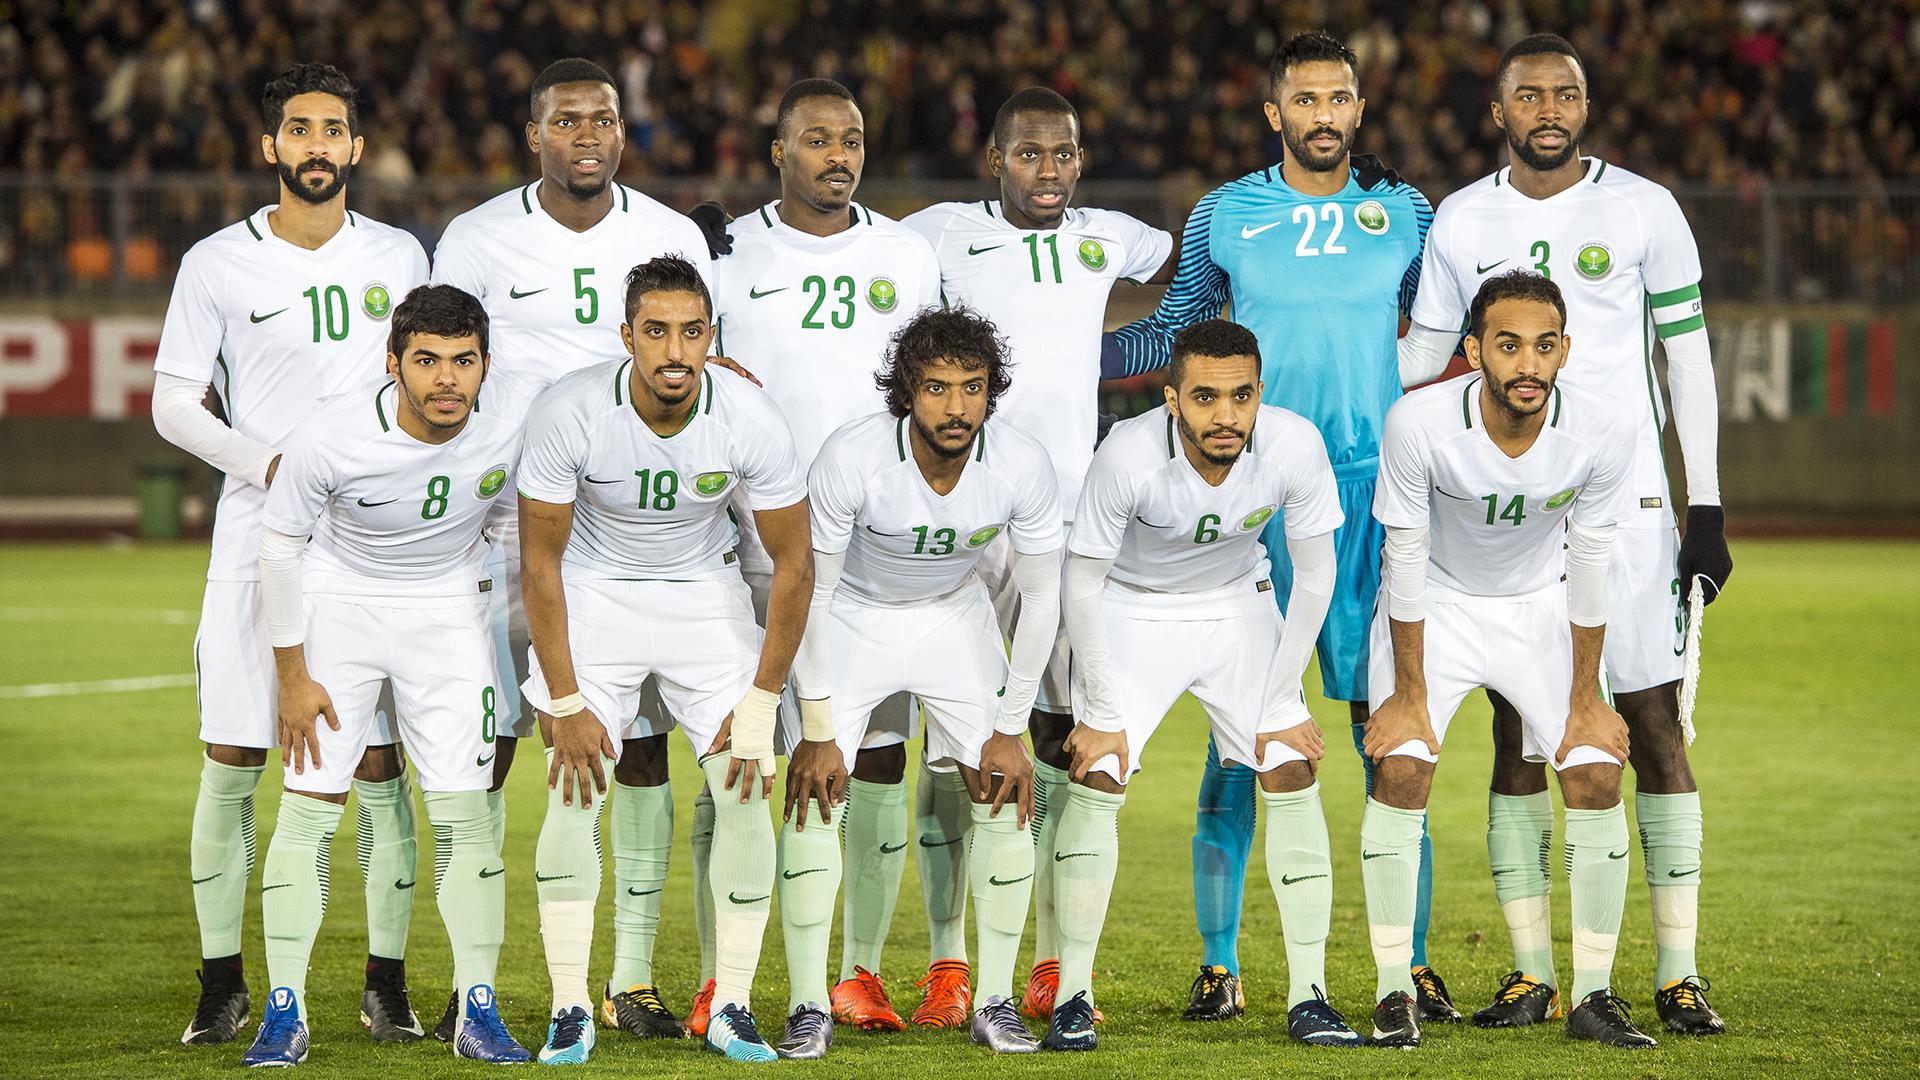 Con un promedio de edad de 29 años, el valor de Arabia Saudita es de 21,22 millones de dólares